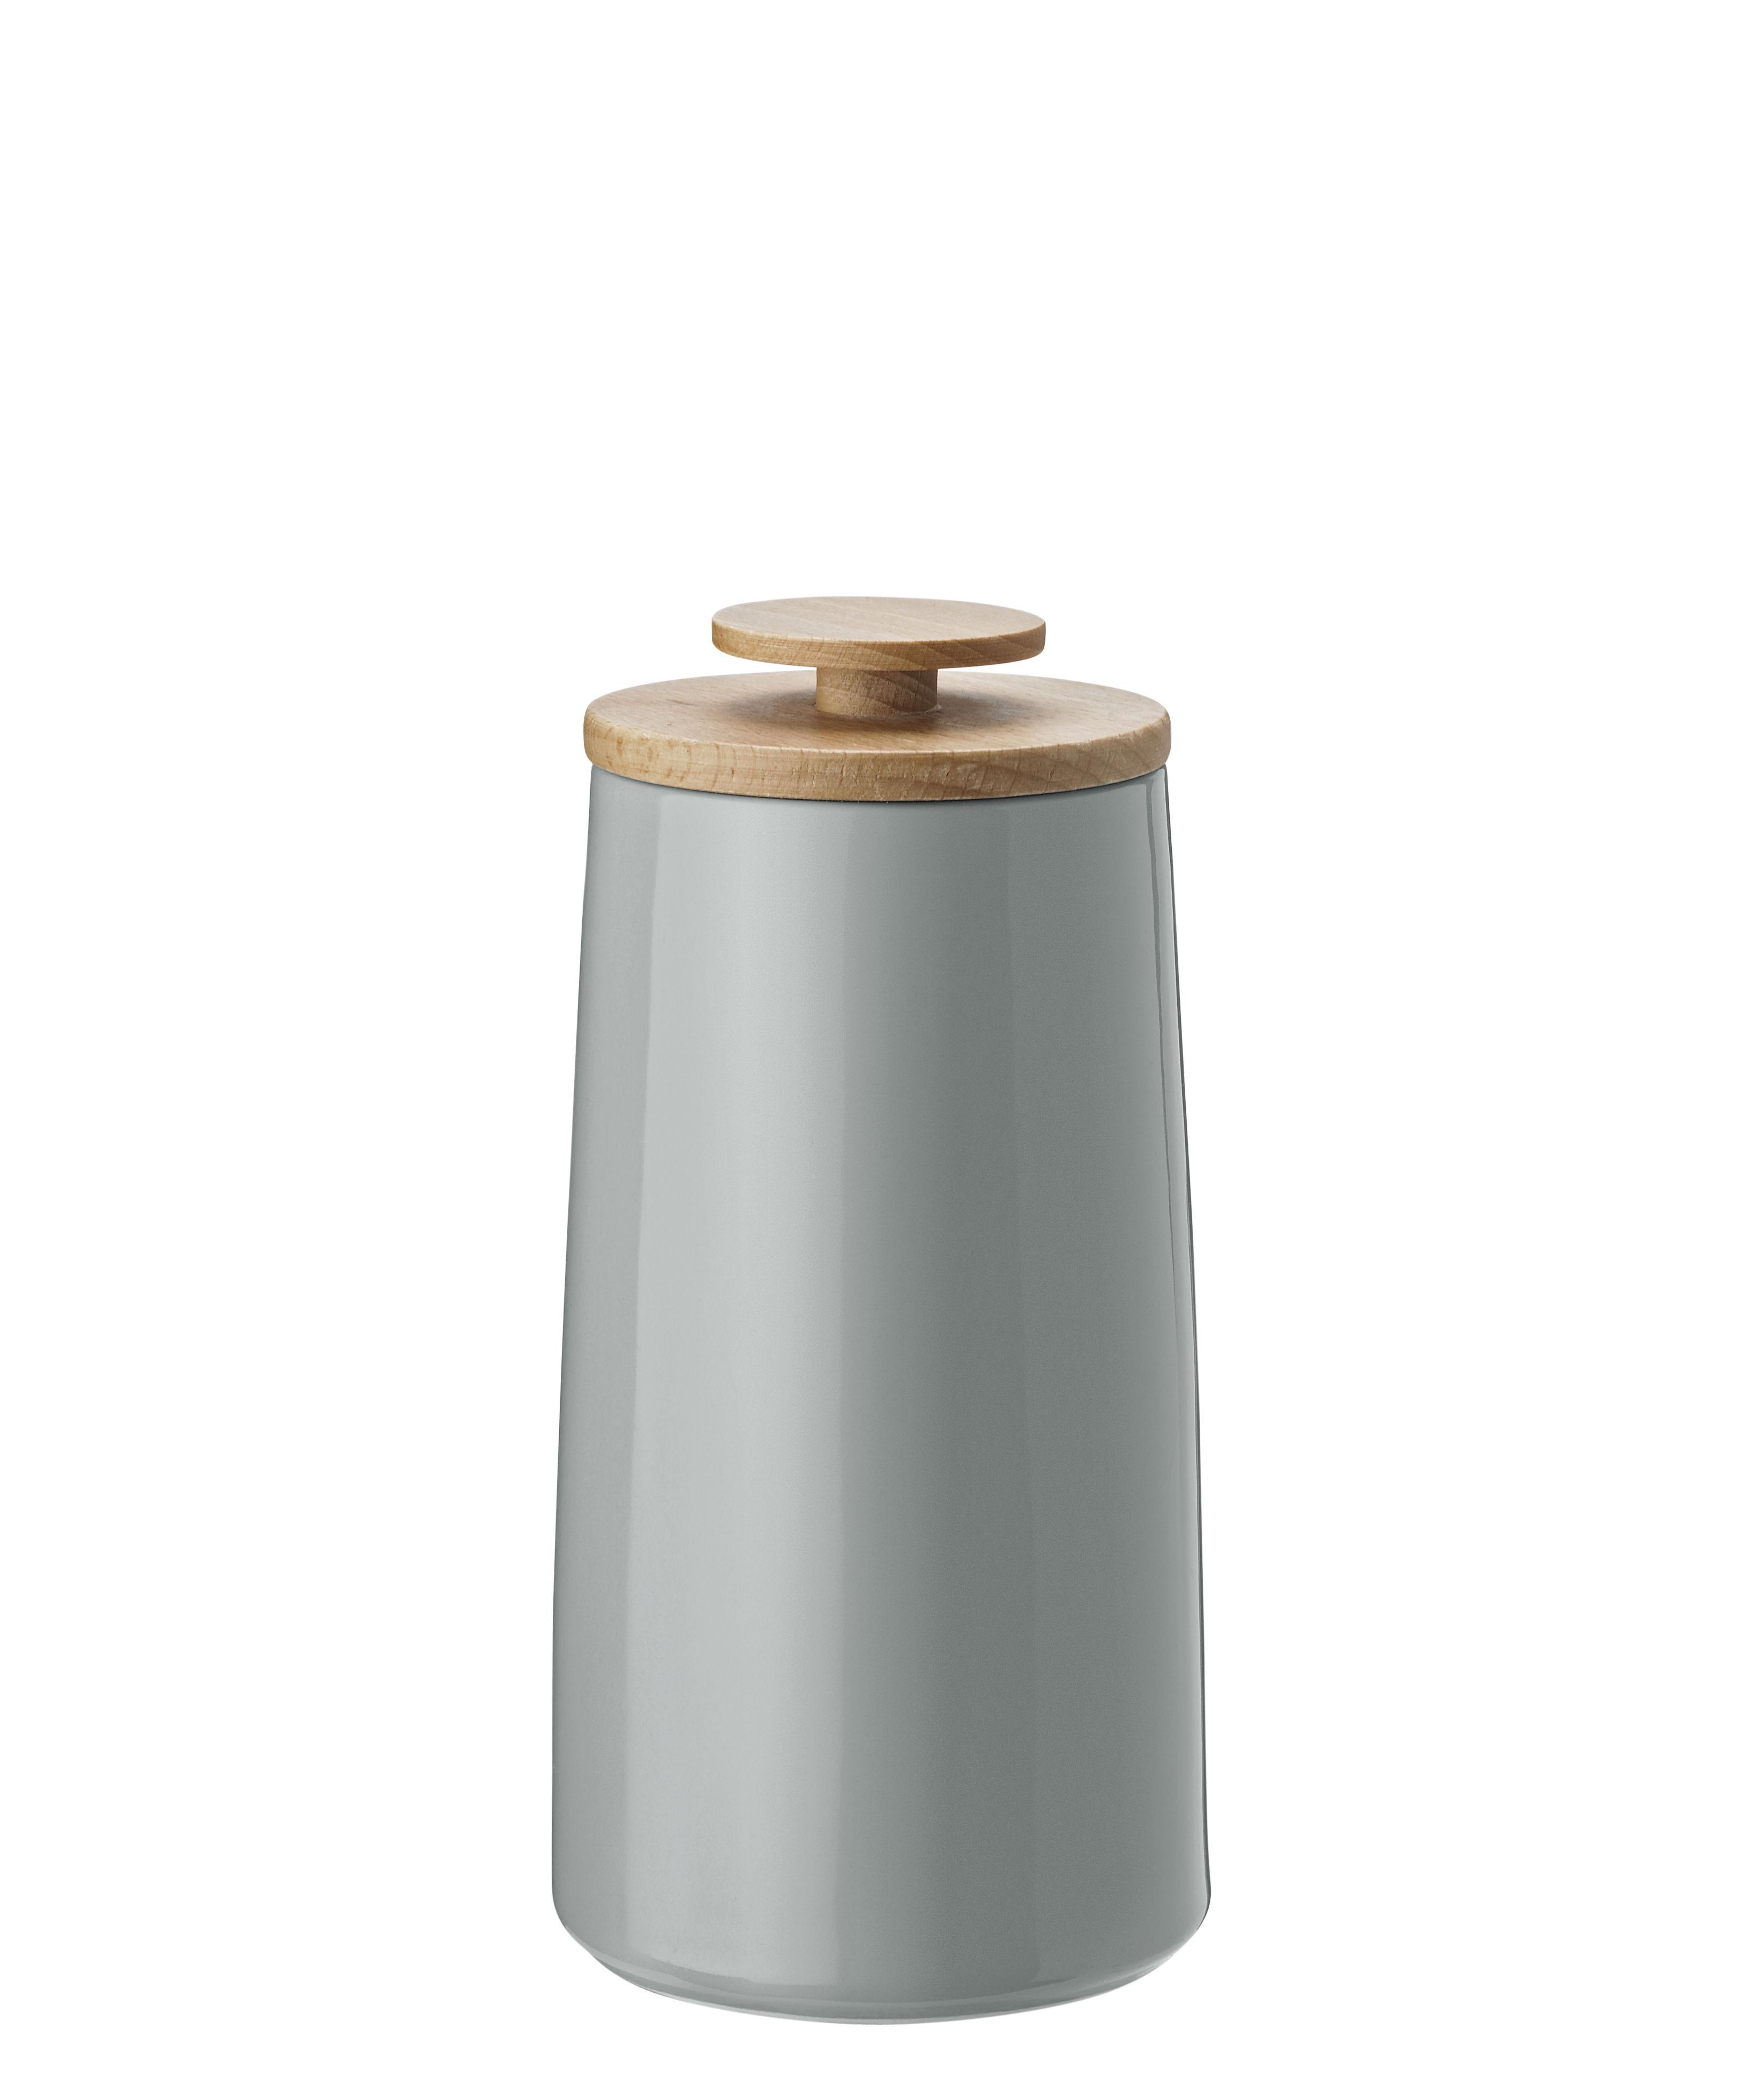 Tischkultur - Tee und Kaffee - Emma Vorratsdose / für Tee - 1,2 l - Stelton - Grau / 0,8 l - Bois de hêtre, emaillierter Sandstein